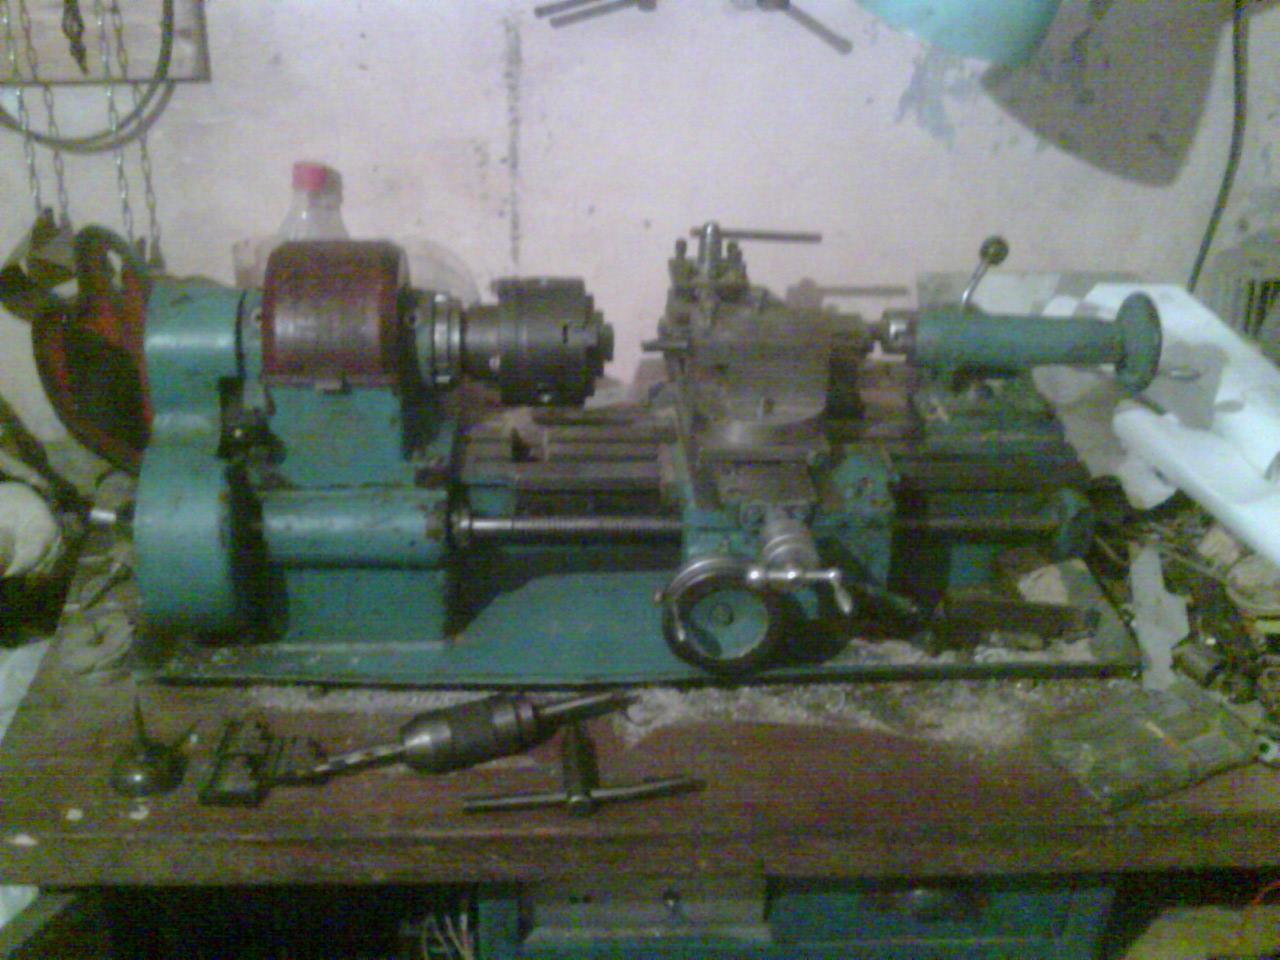 DC100821001.jpg